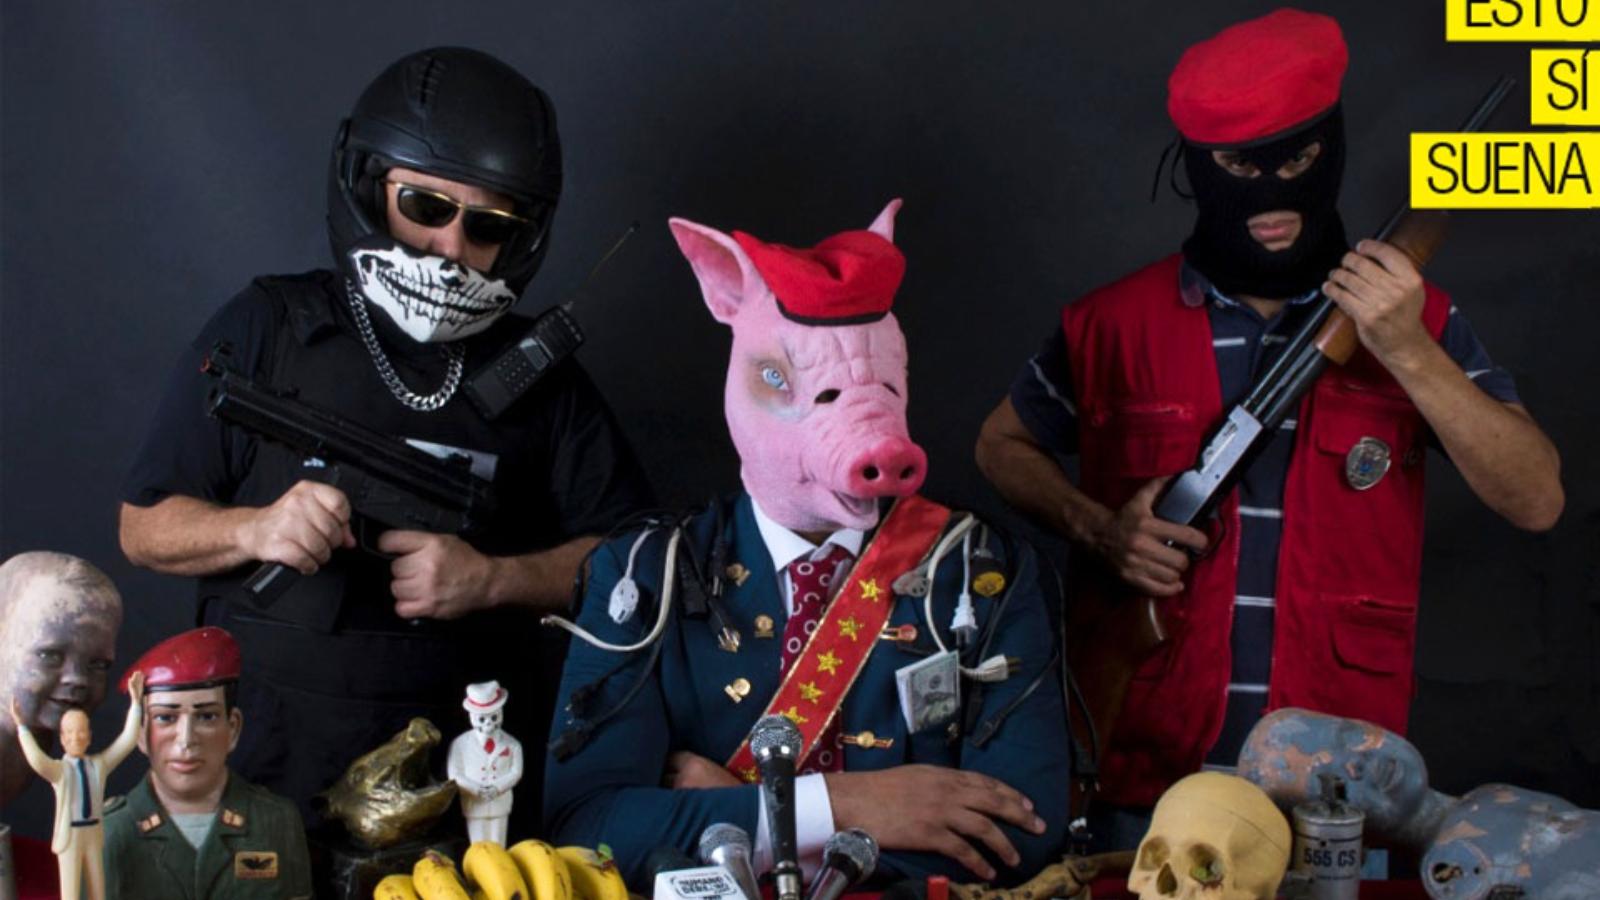 Protesta musical de Venezuela: mucho más que arpa llanera y pop